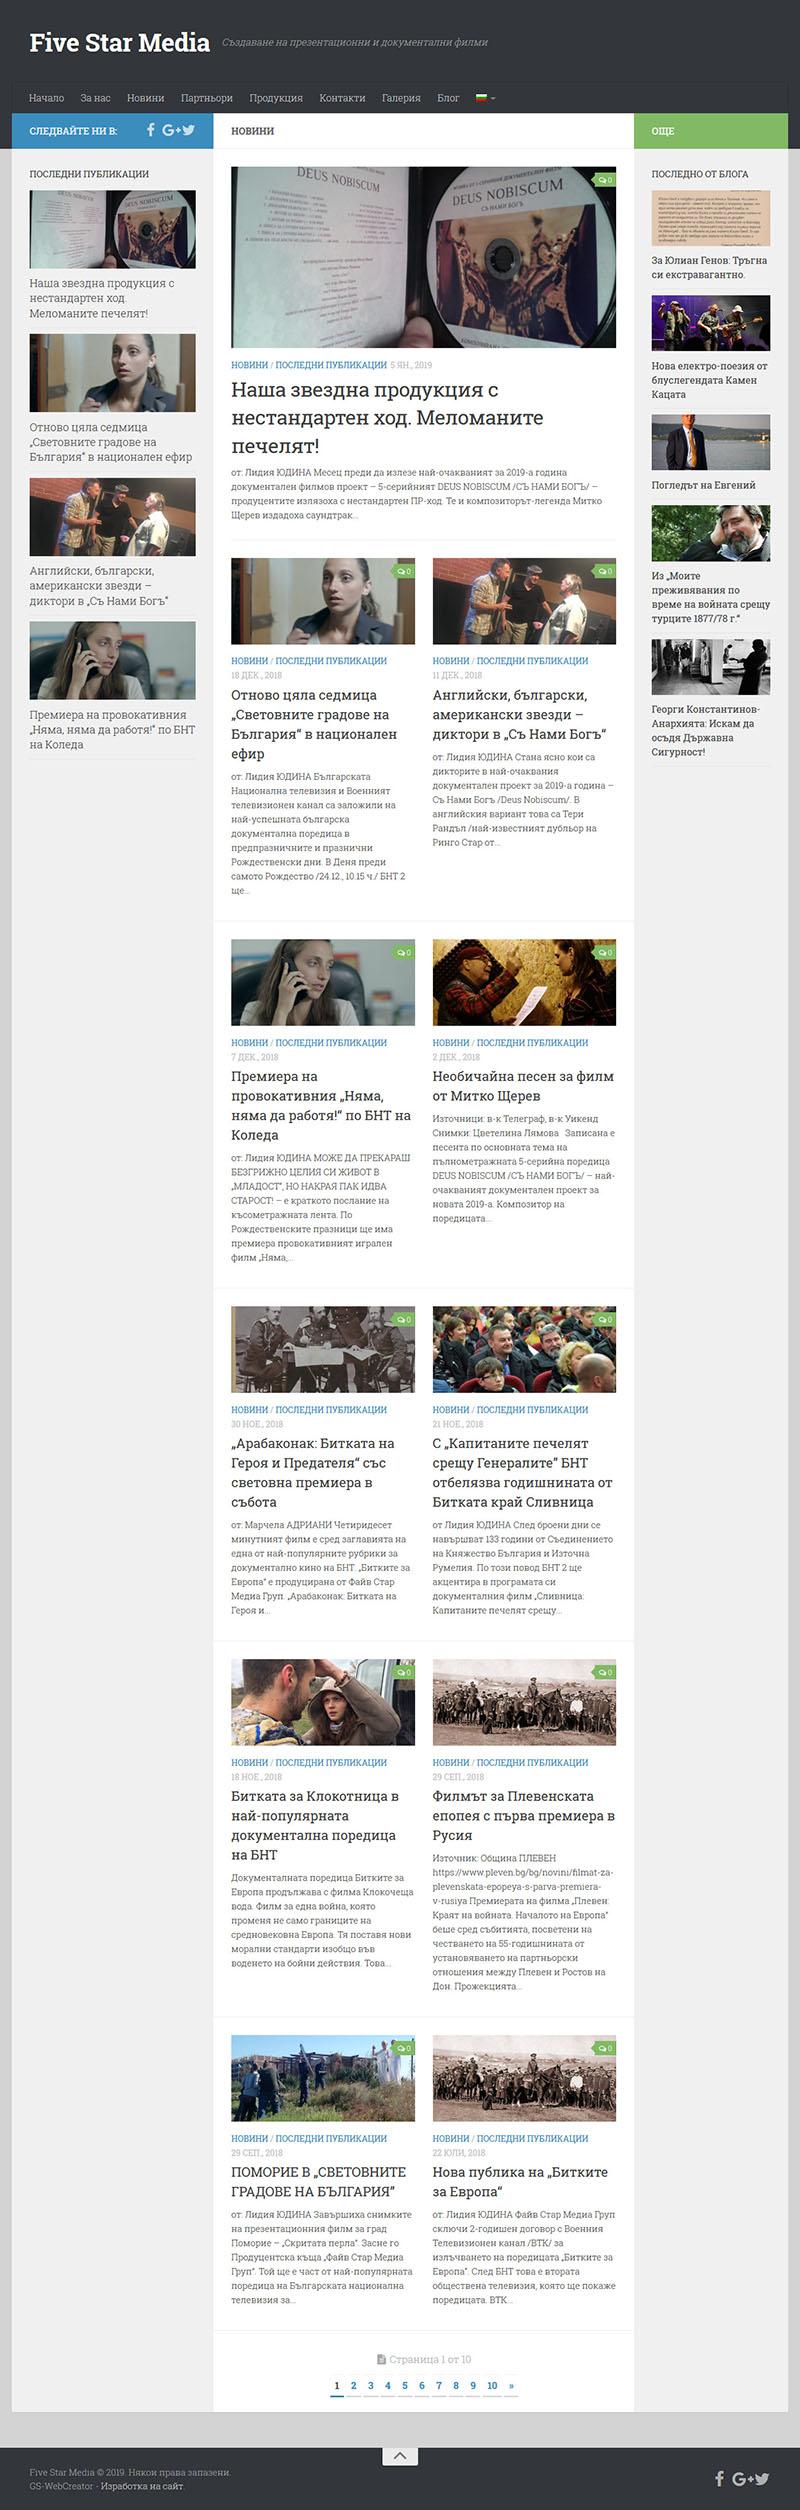 Изработка на сайт за презентационни и документални филми на продуцентска къща Five Star Media-GS-WebCreator